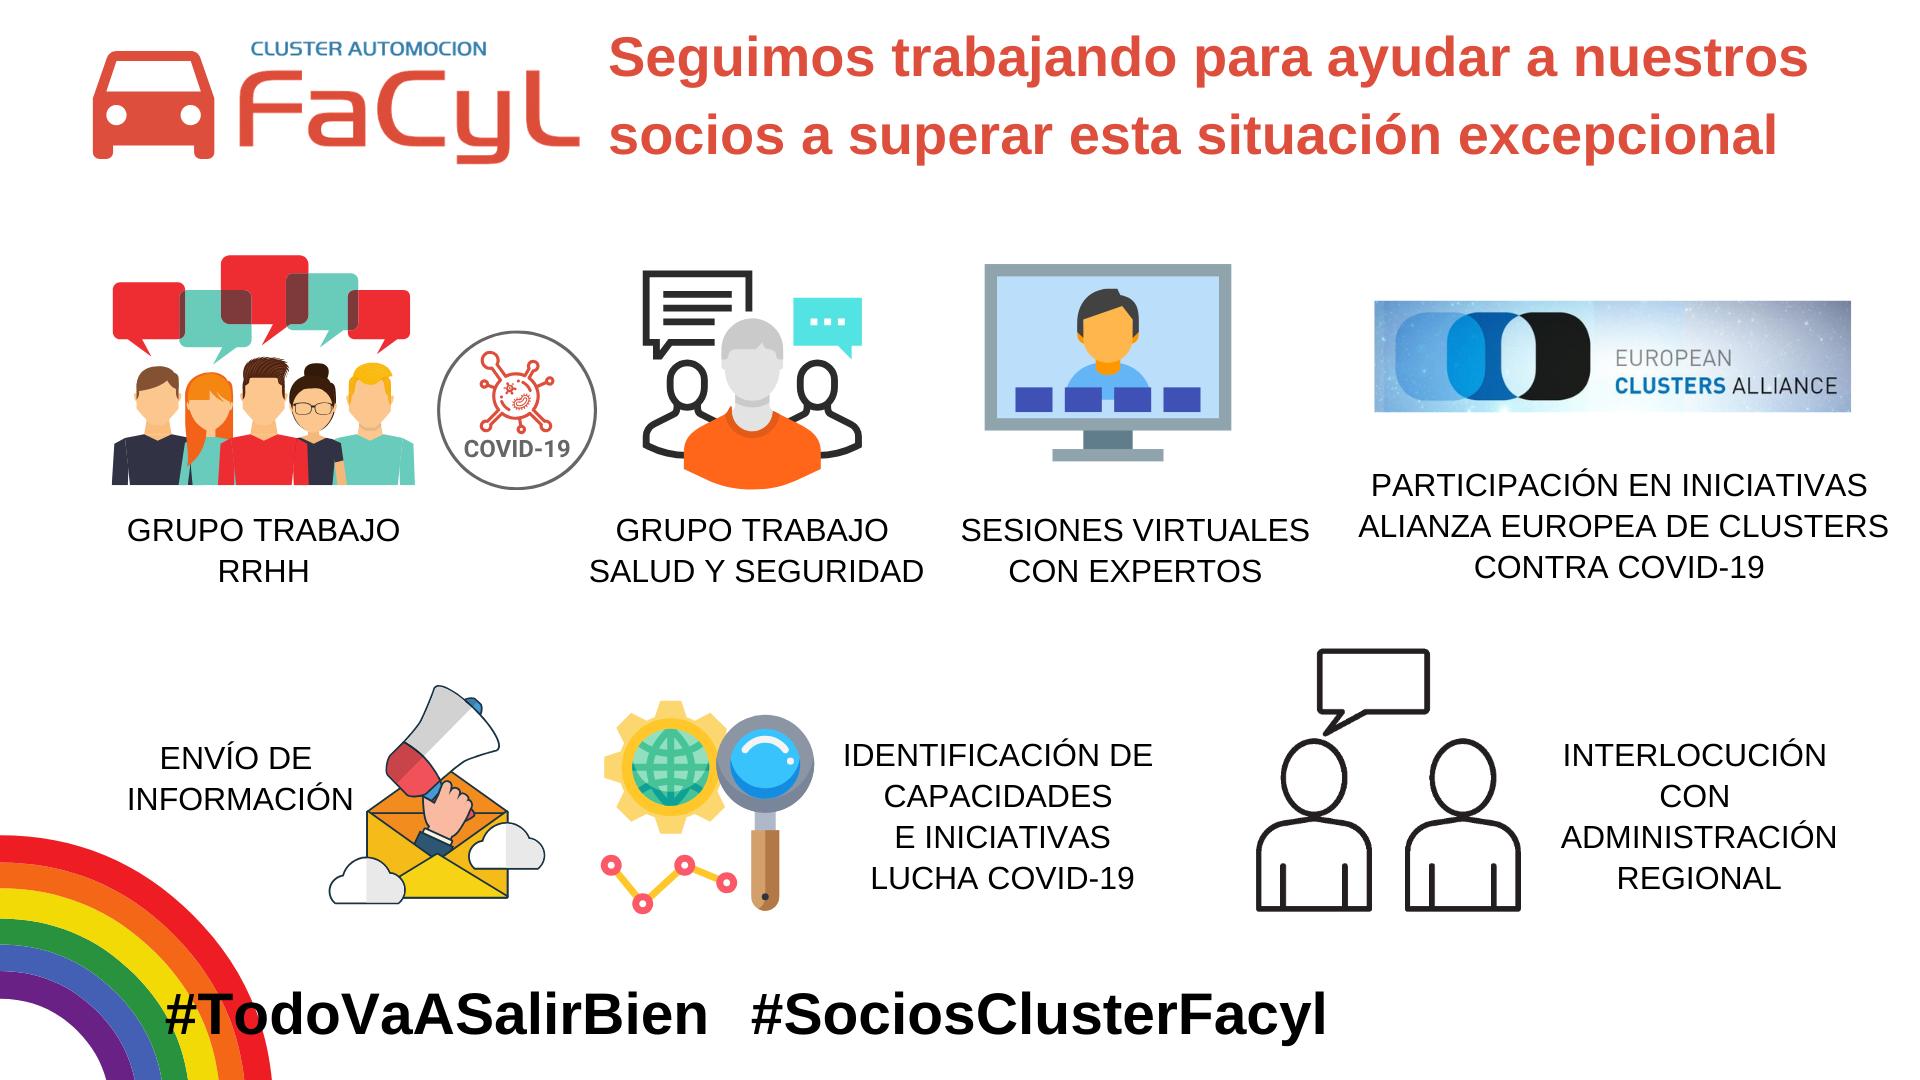 El Cluster de Automoción FACYL sigue trabajando para ayudar a sus socios a superar esta situación excepcional derivada de la pandemia COVID-19